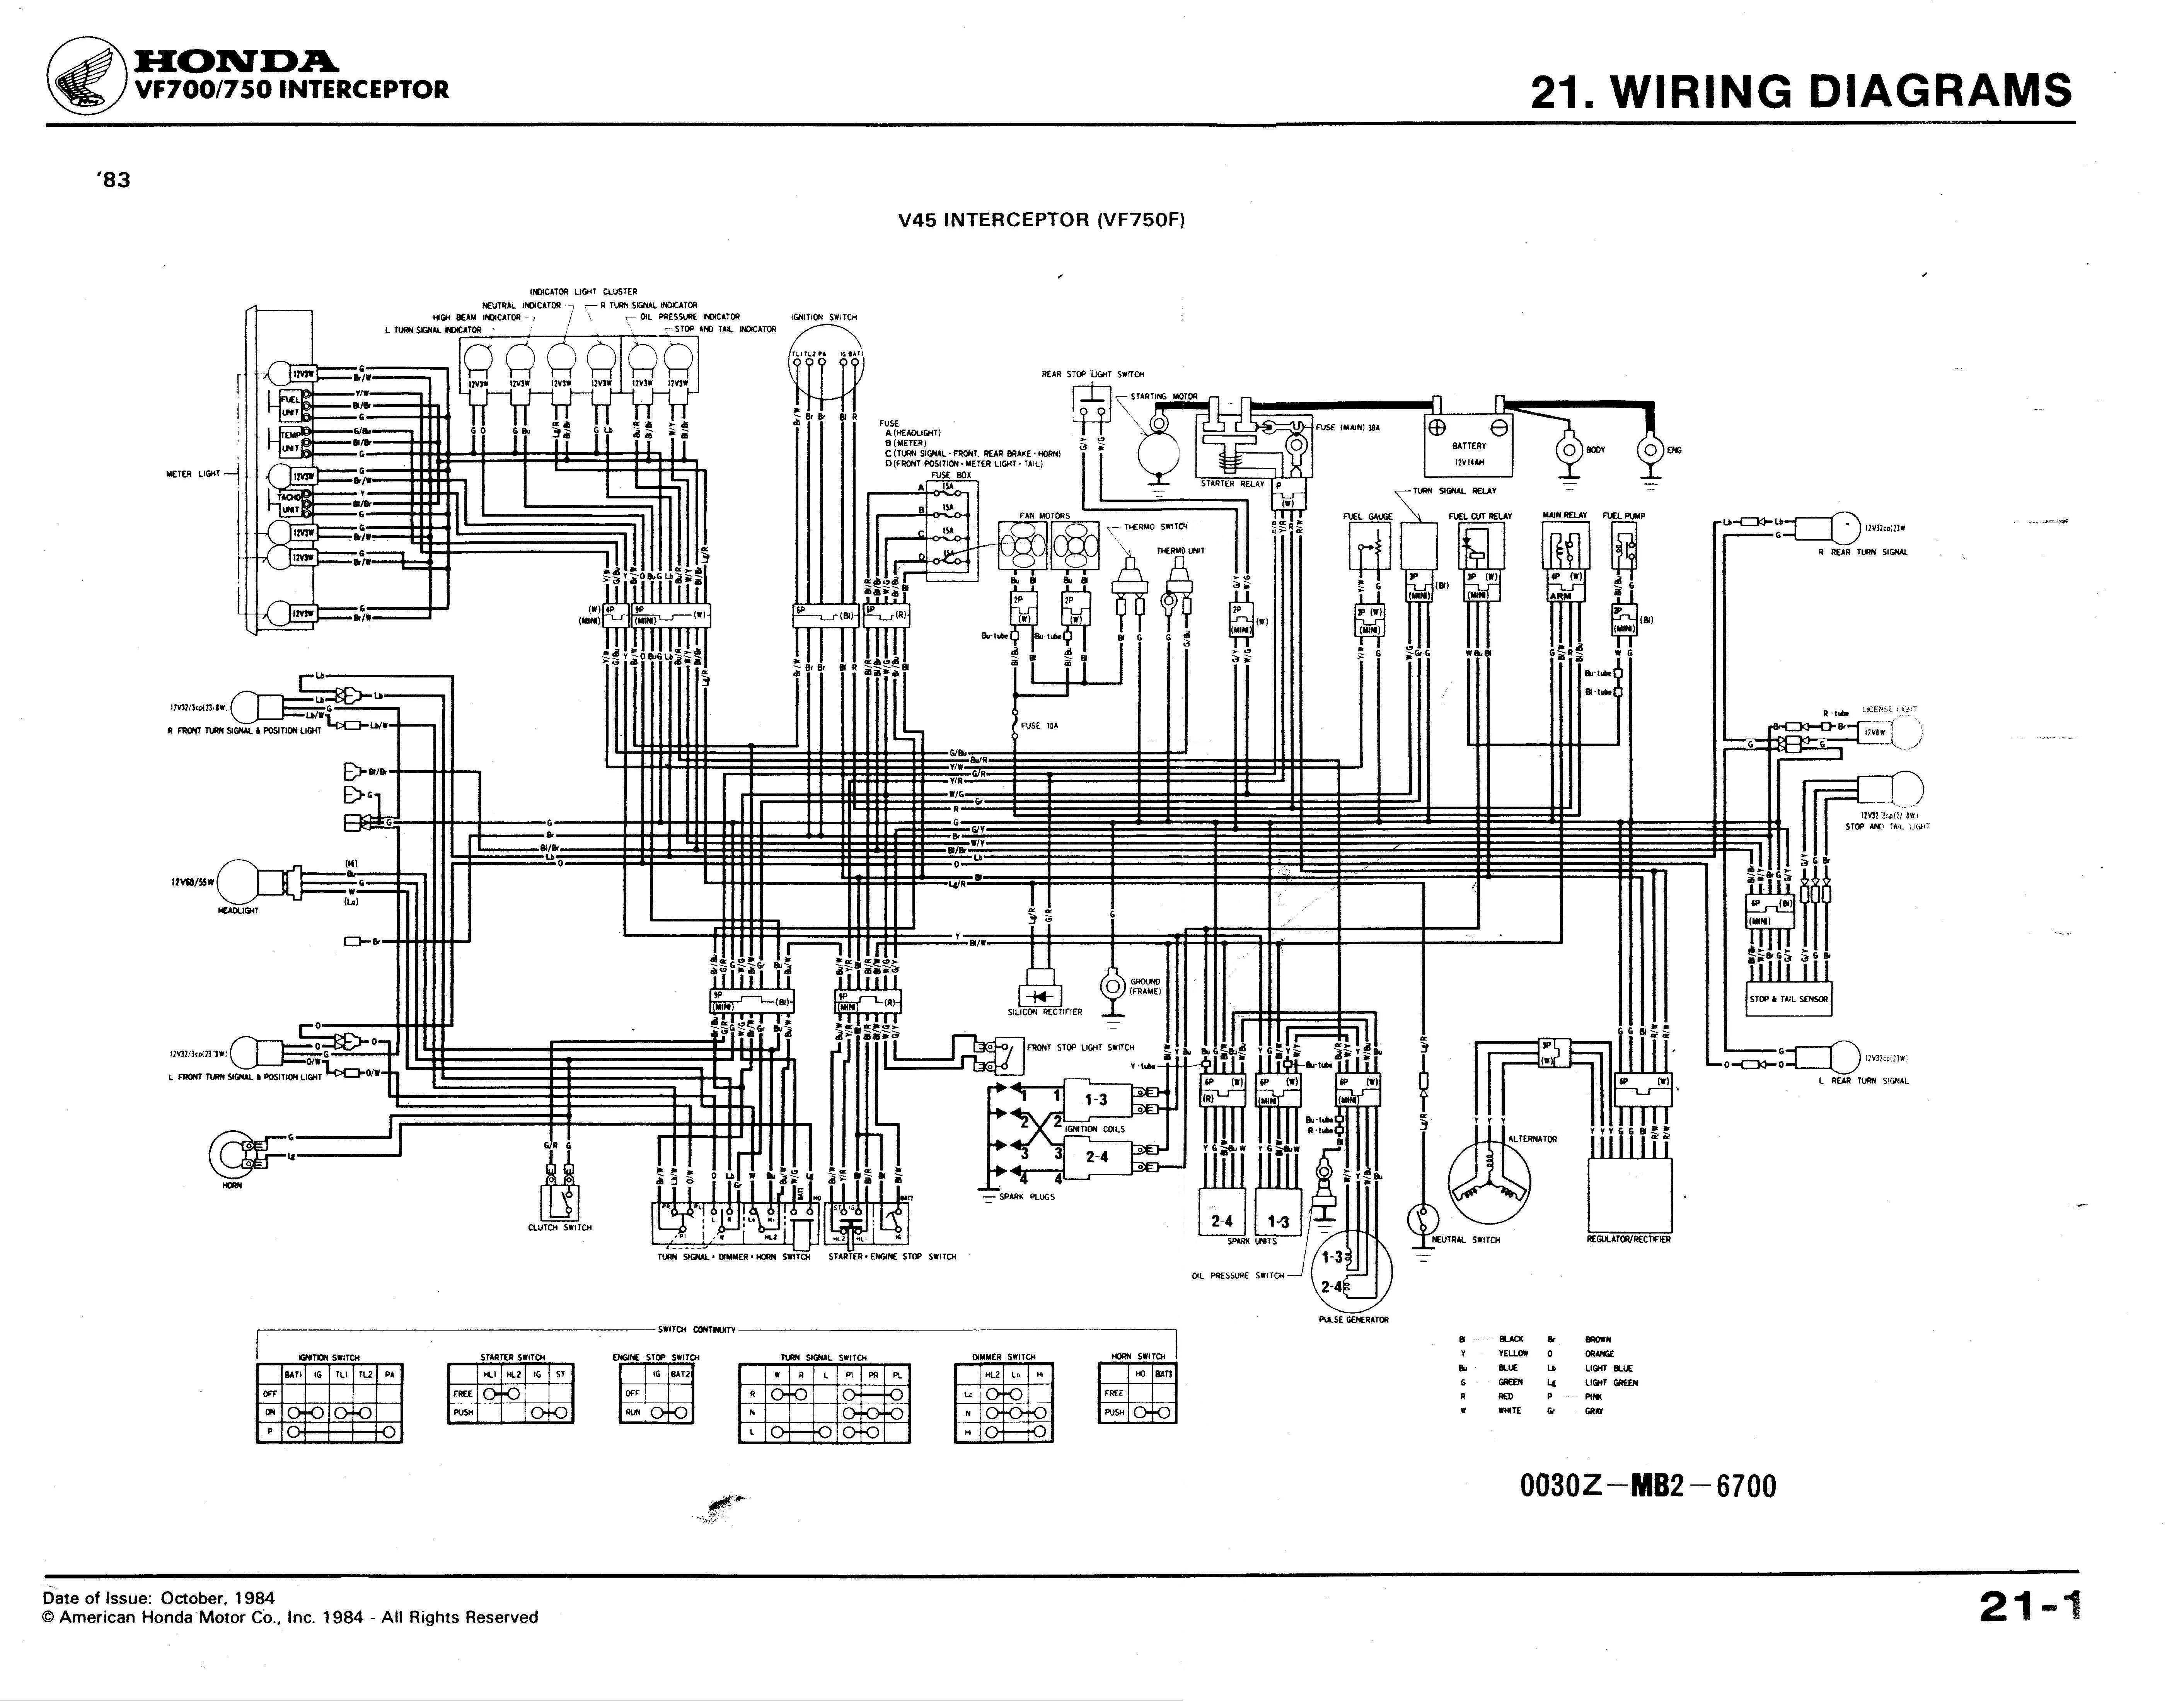 1983 Virago Wire Harness Schematic - Wiring Diagram Schematics on